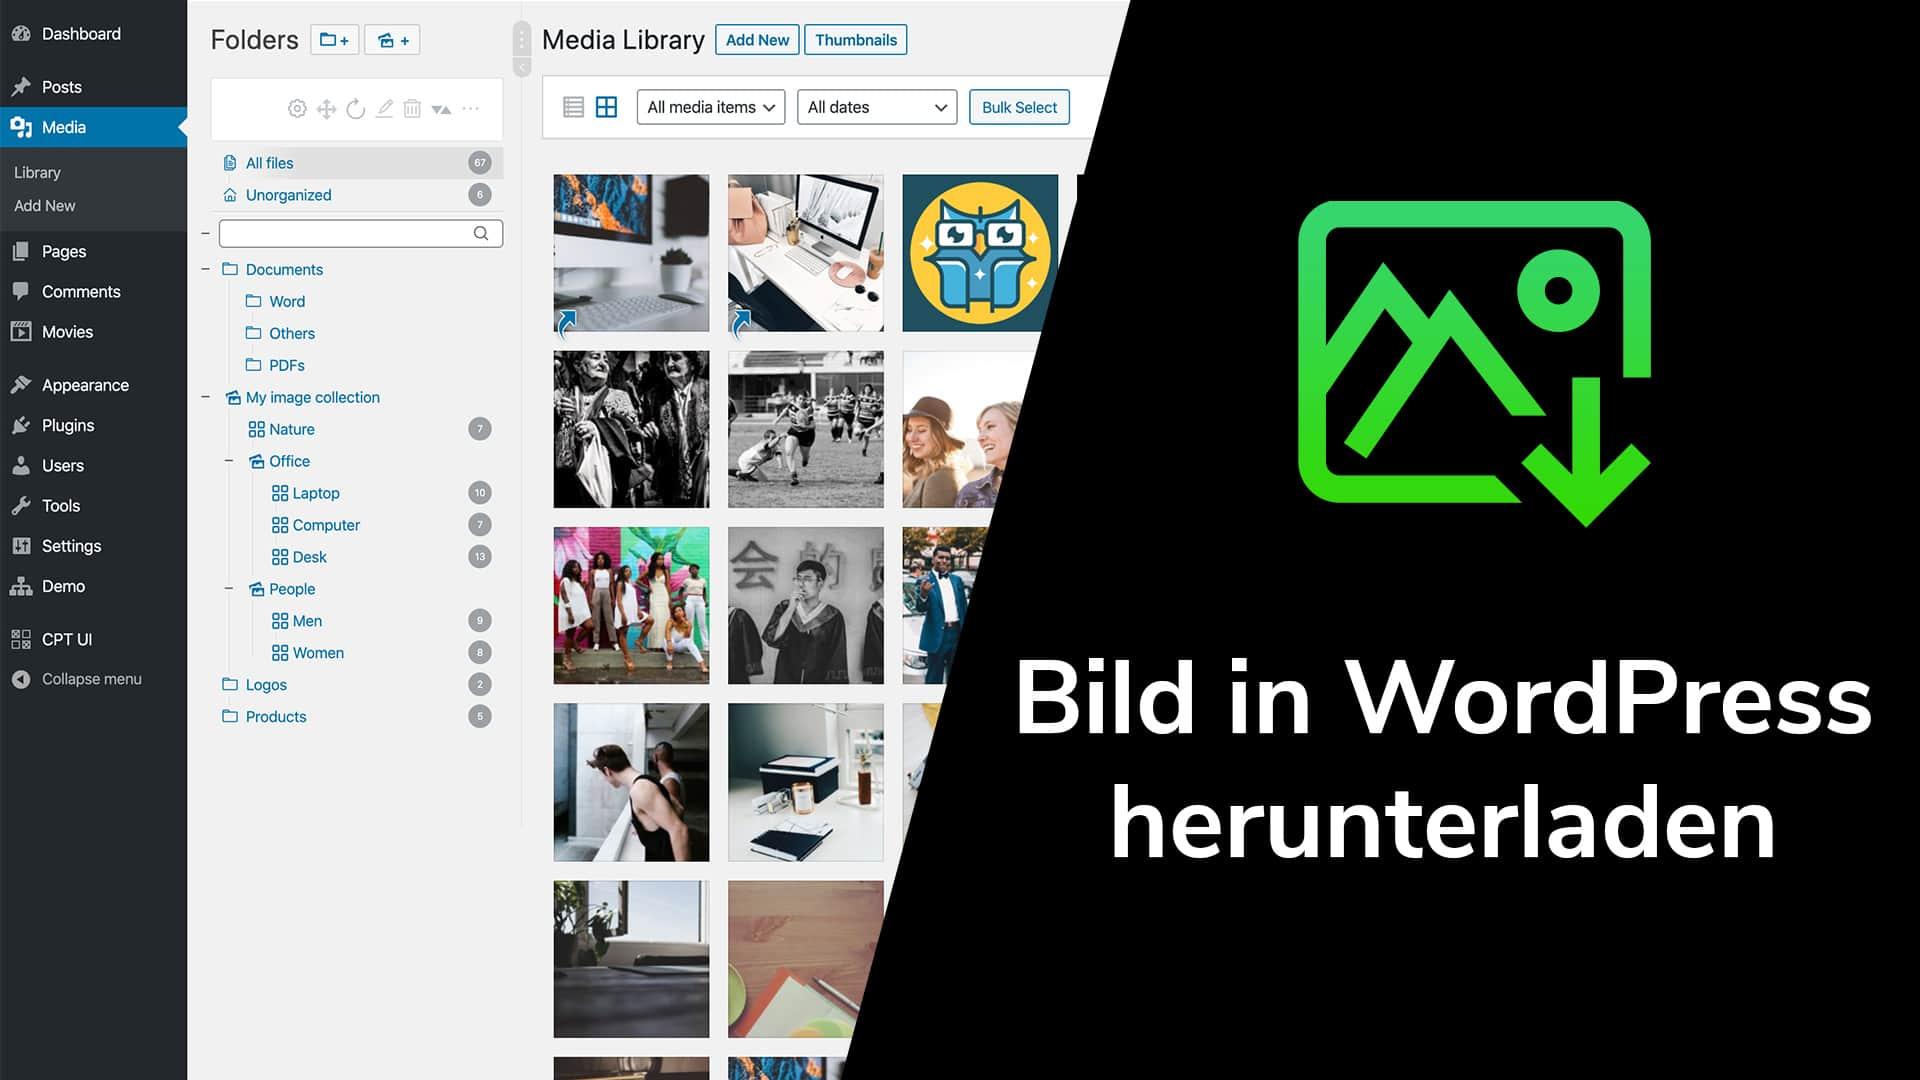 Bilder in WordPress herunterladen